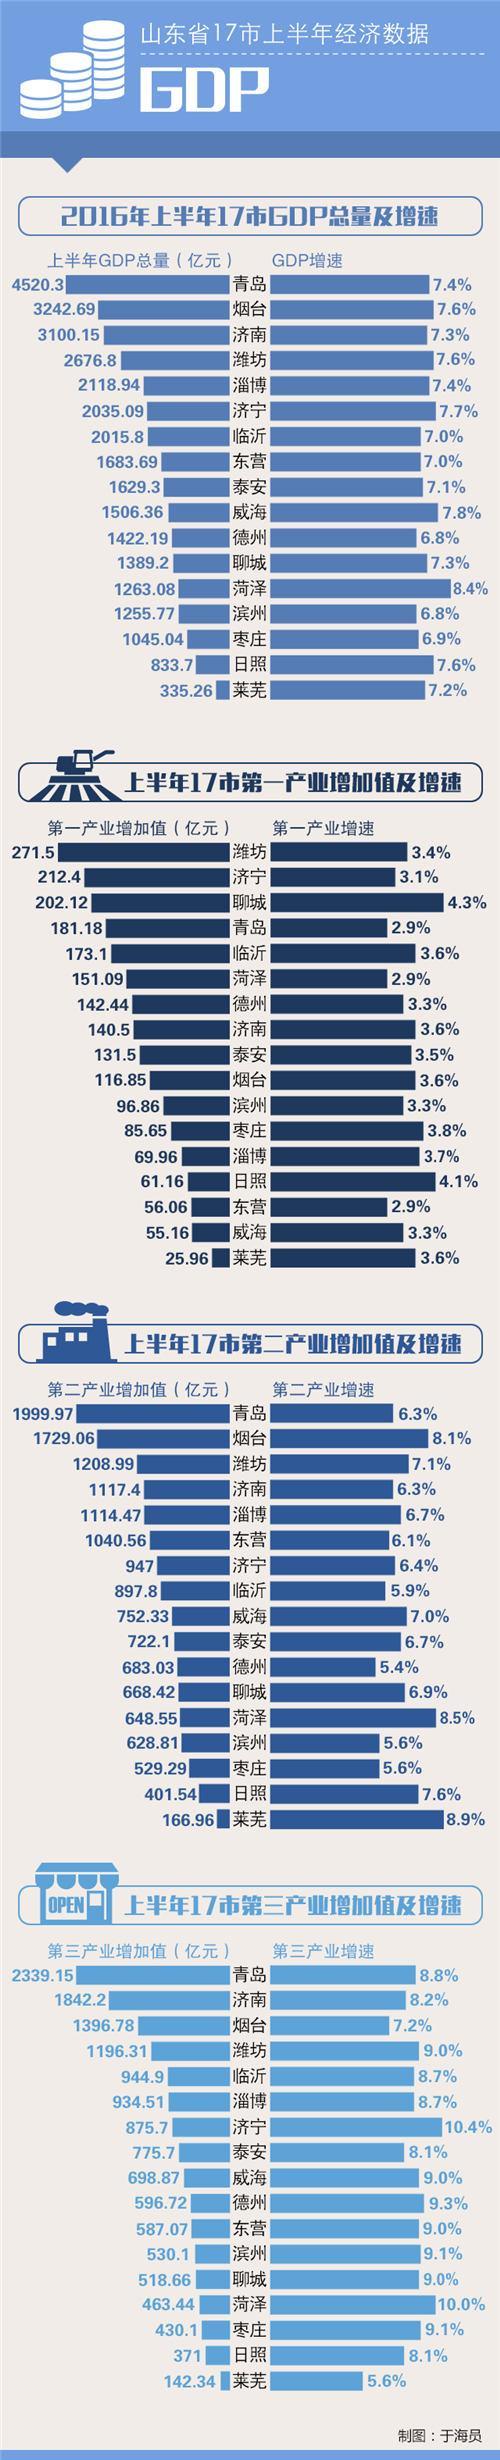 2013年山东各市gdp_山东7市抱团治污2020年空气质量比2013年改善50%